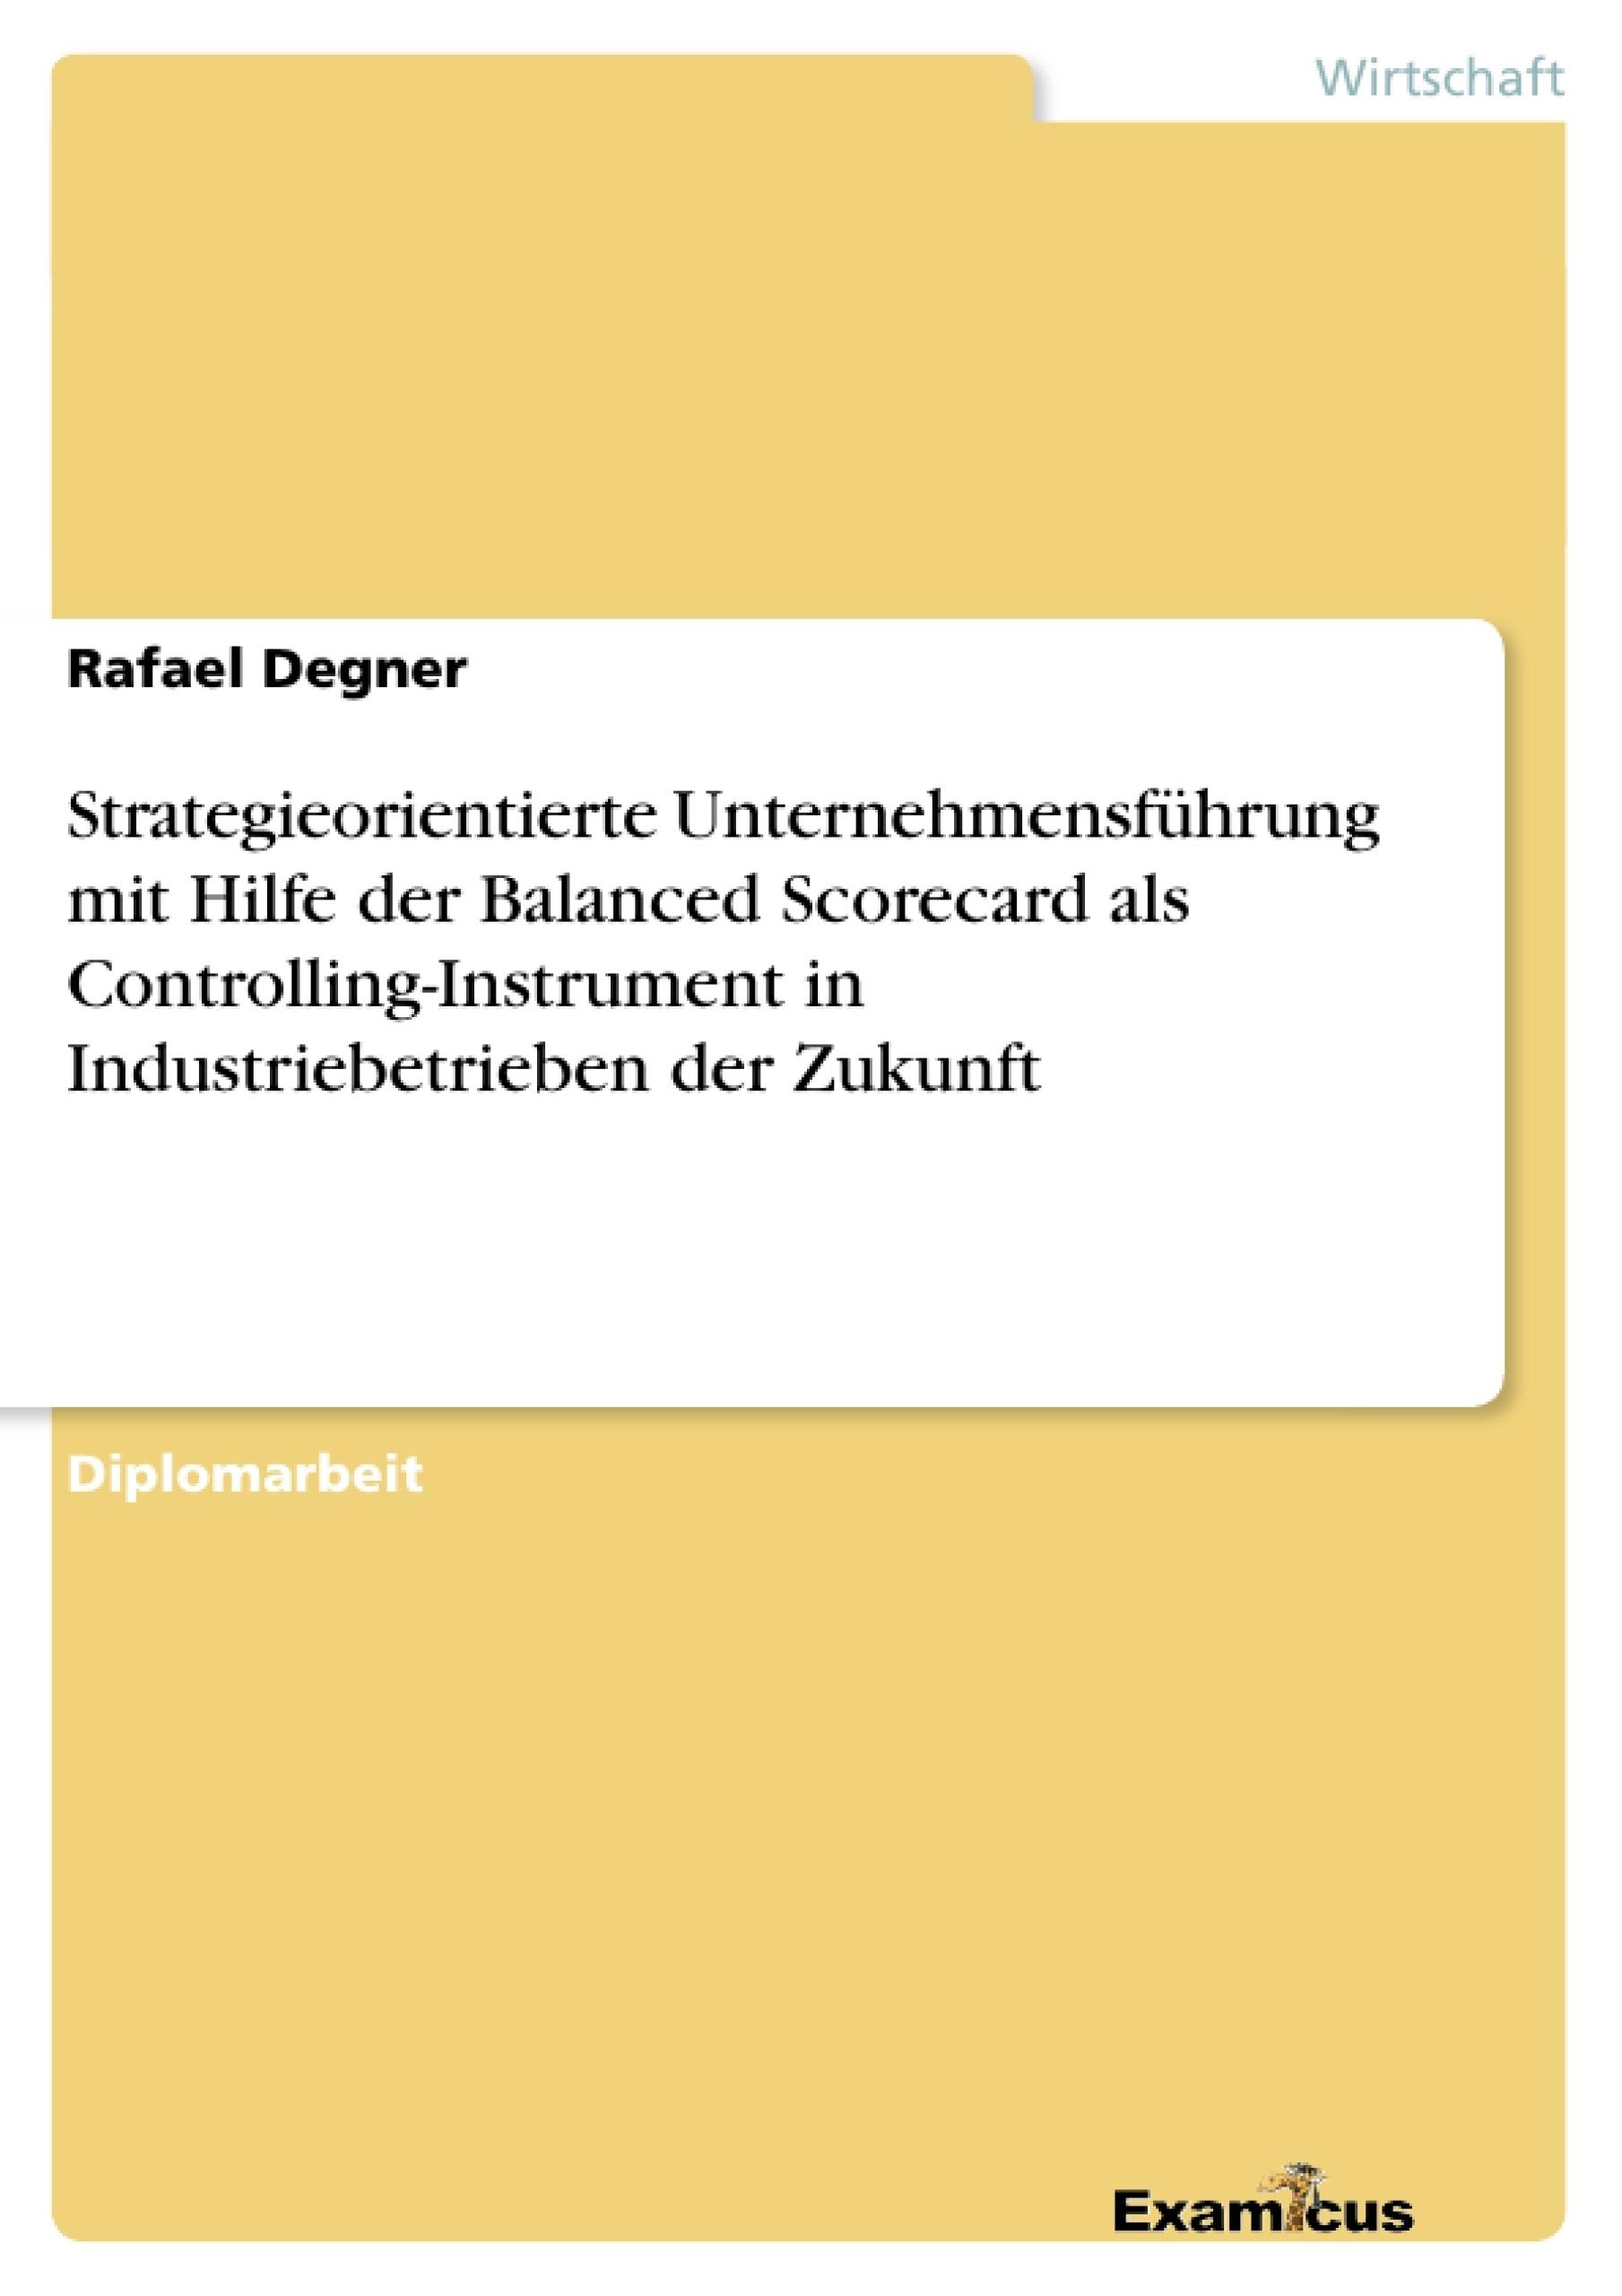 Titel: Strategieorientierte Unternehmensführung mit Hilfe der Balanced Scorecard als Controlling-Instrument in Industriebetrieben der Zukunft